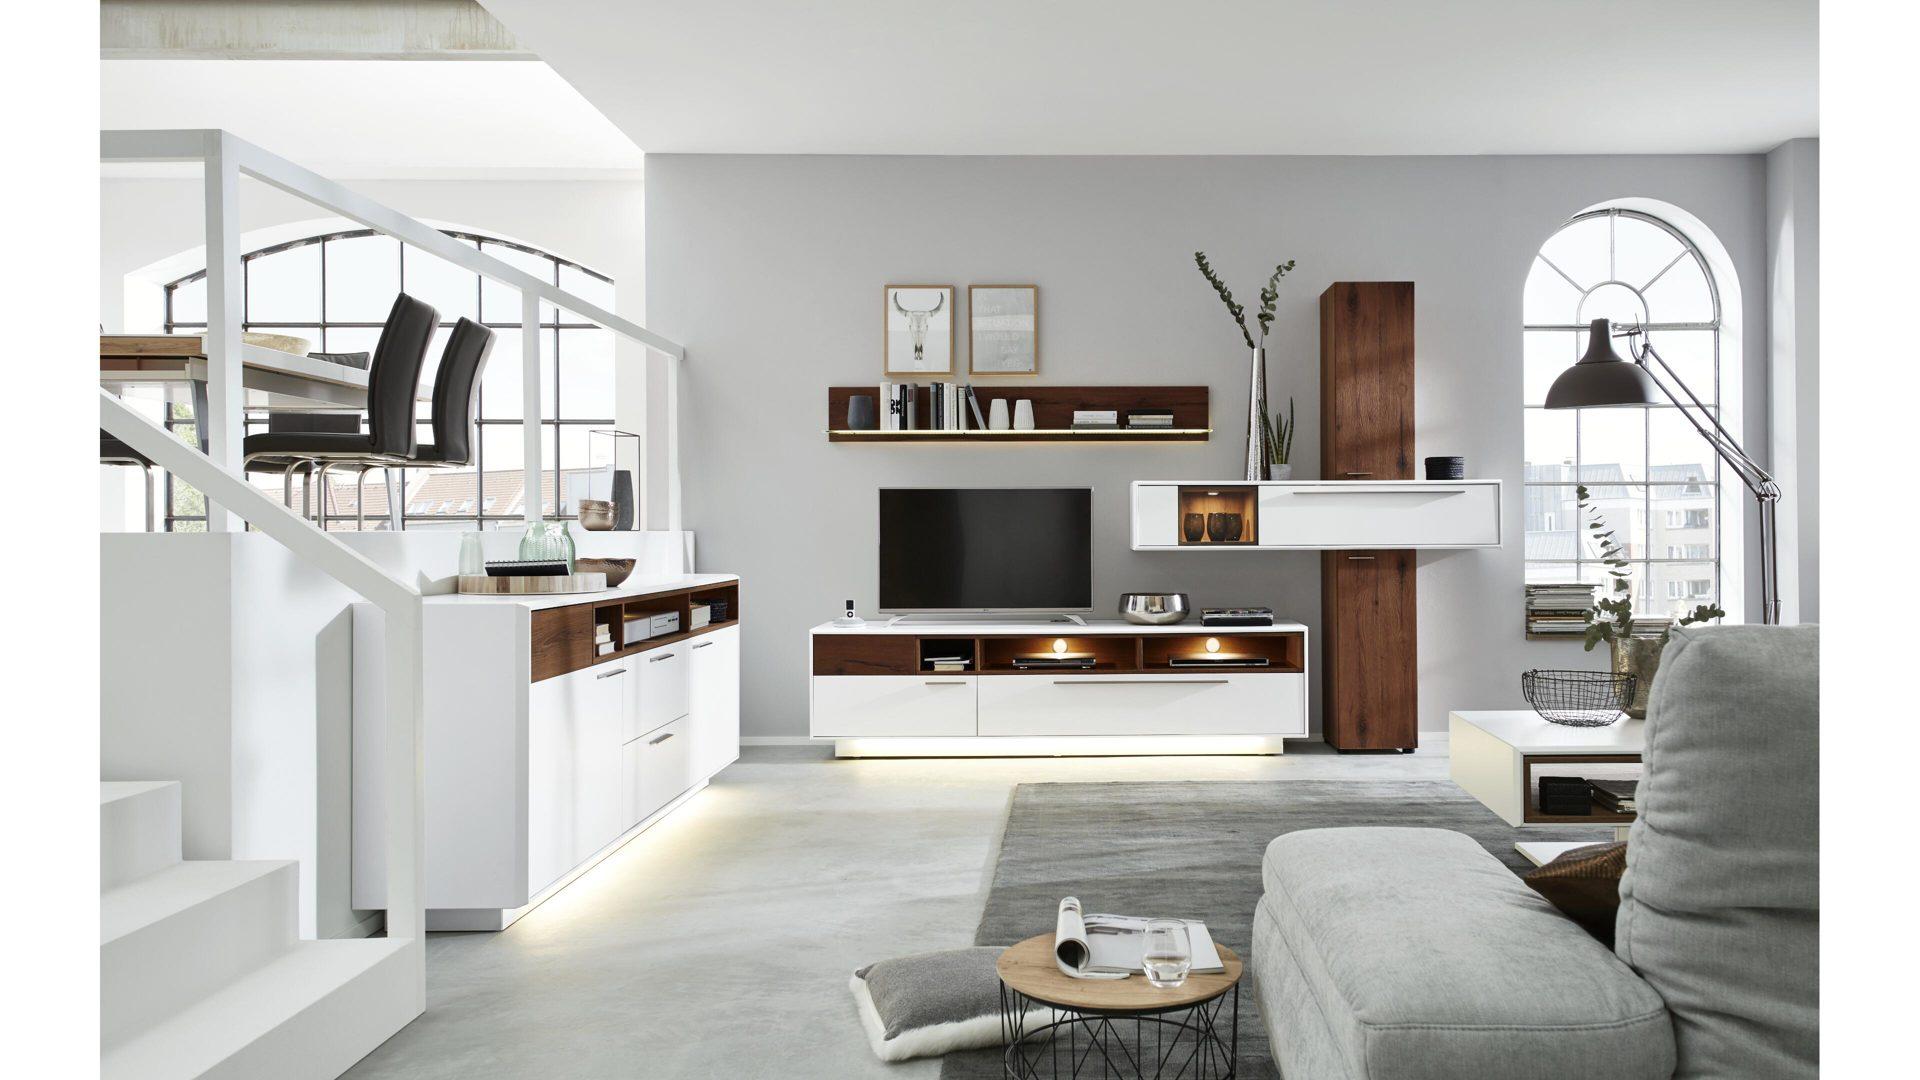 Interliving Wohnzimmer Serie 2102 – Wohnkombination 510801S mit Beleuchtung  , dunkles Asteiche-Furnier & weißer Mattlack –